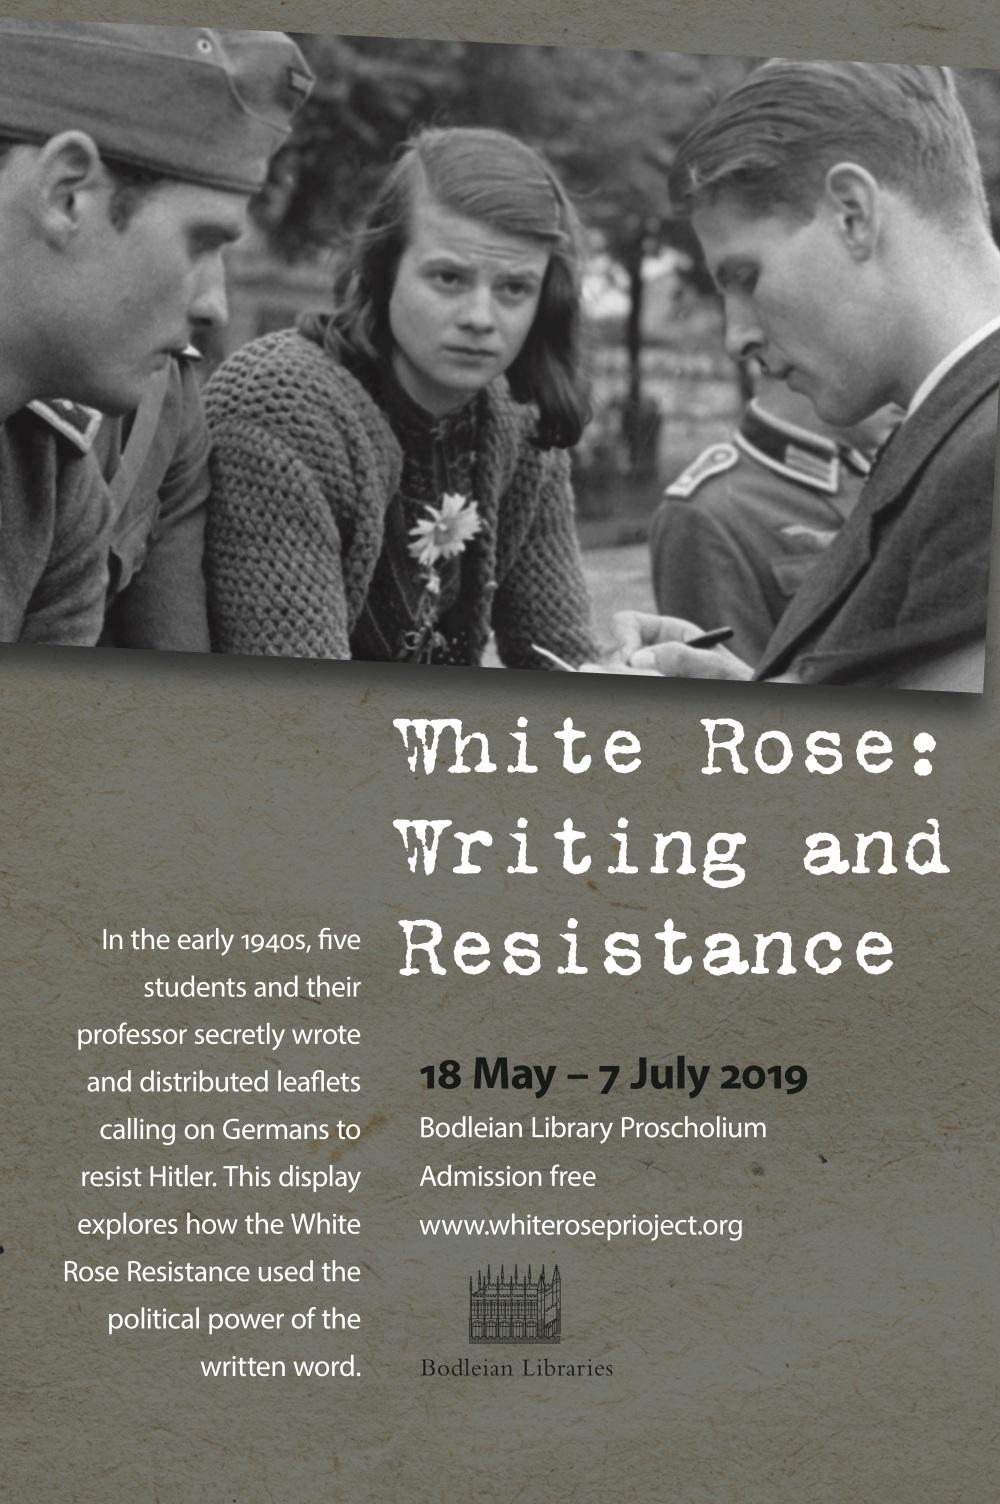 White Rose poster 2